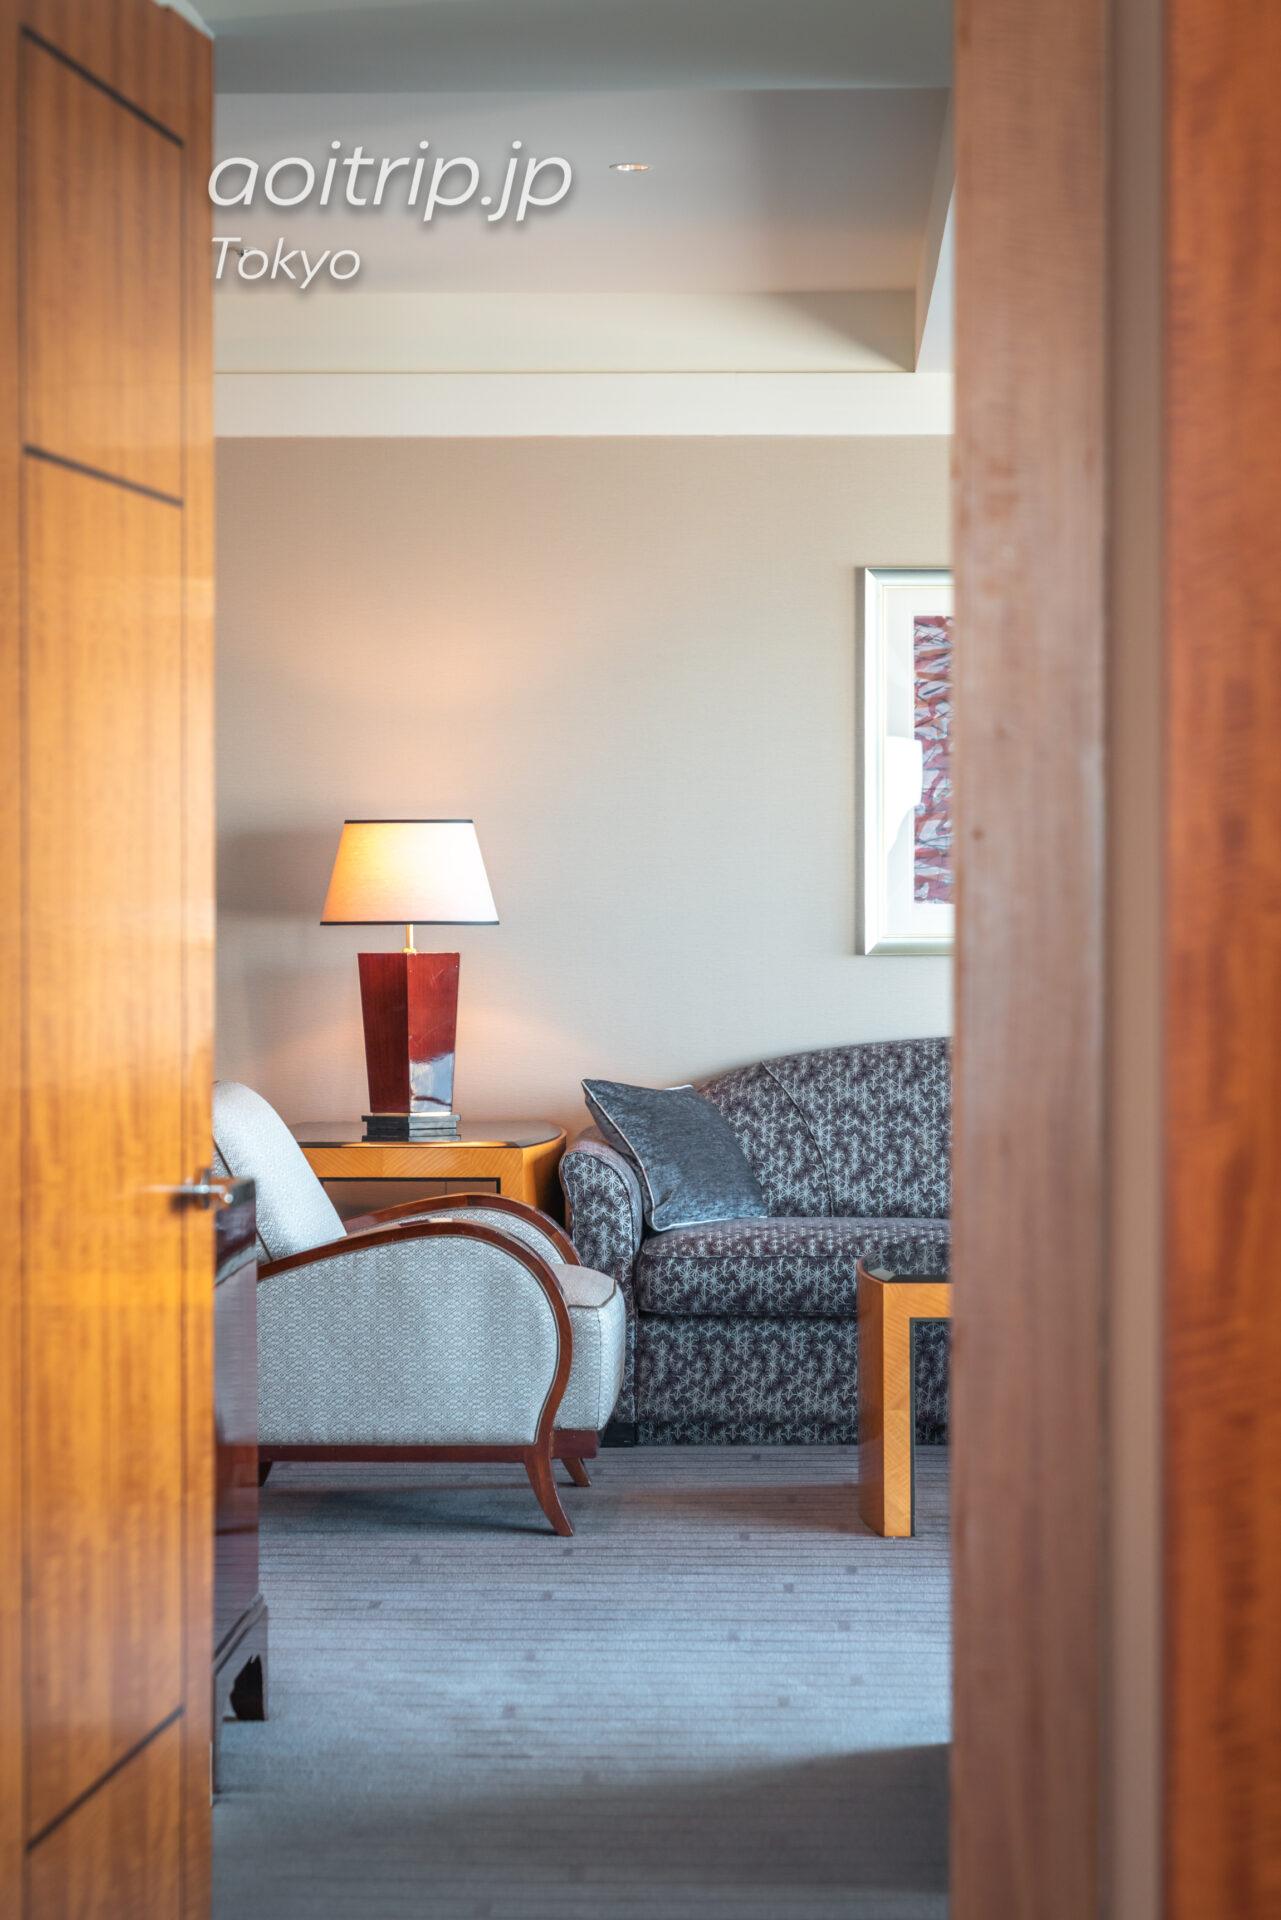 ザ リッツ カールトン東京 スイートルームの客室 カールトンスイート リビングルーム